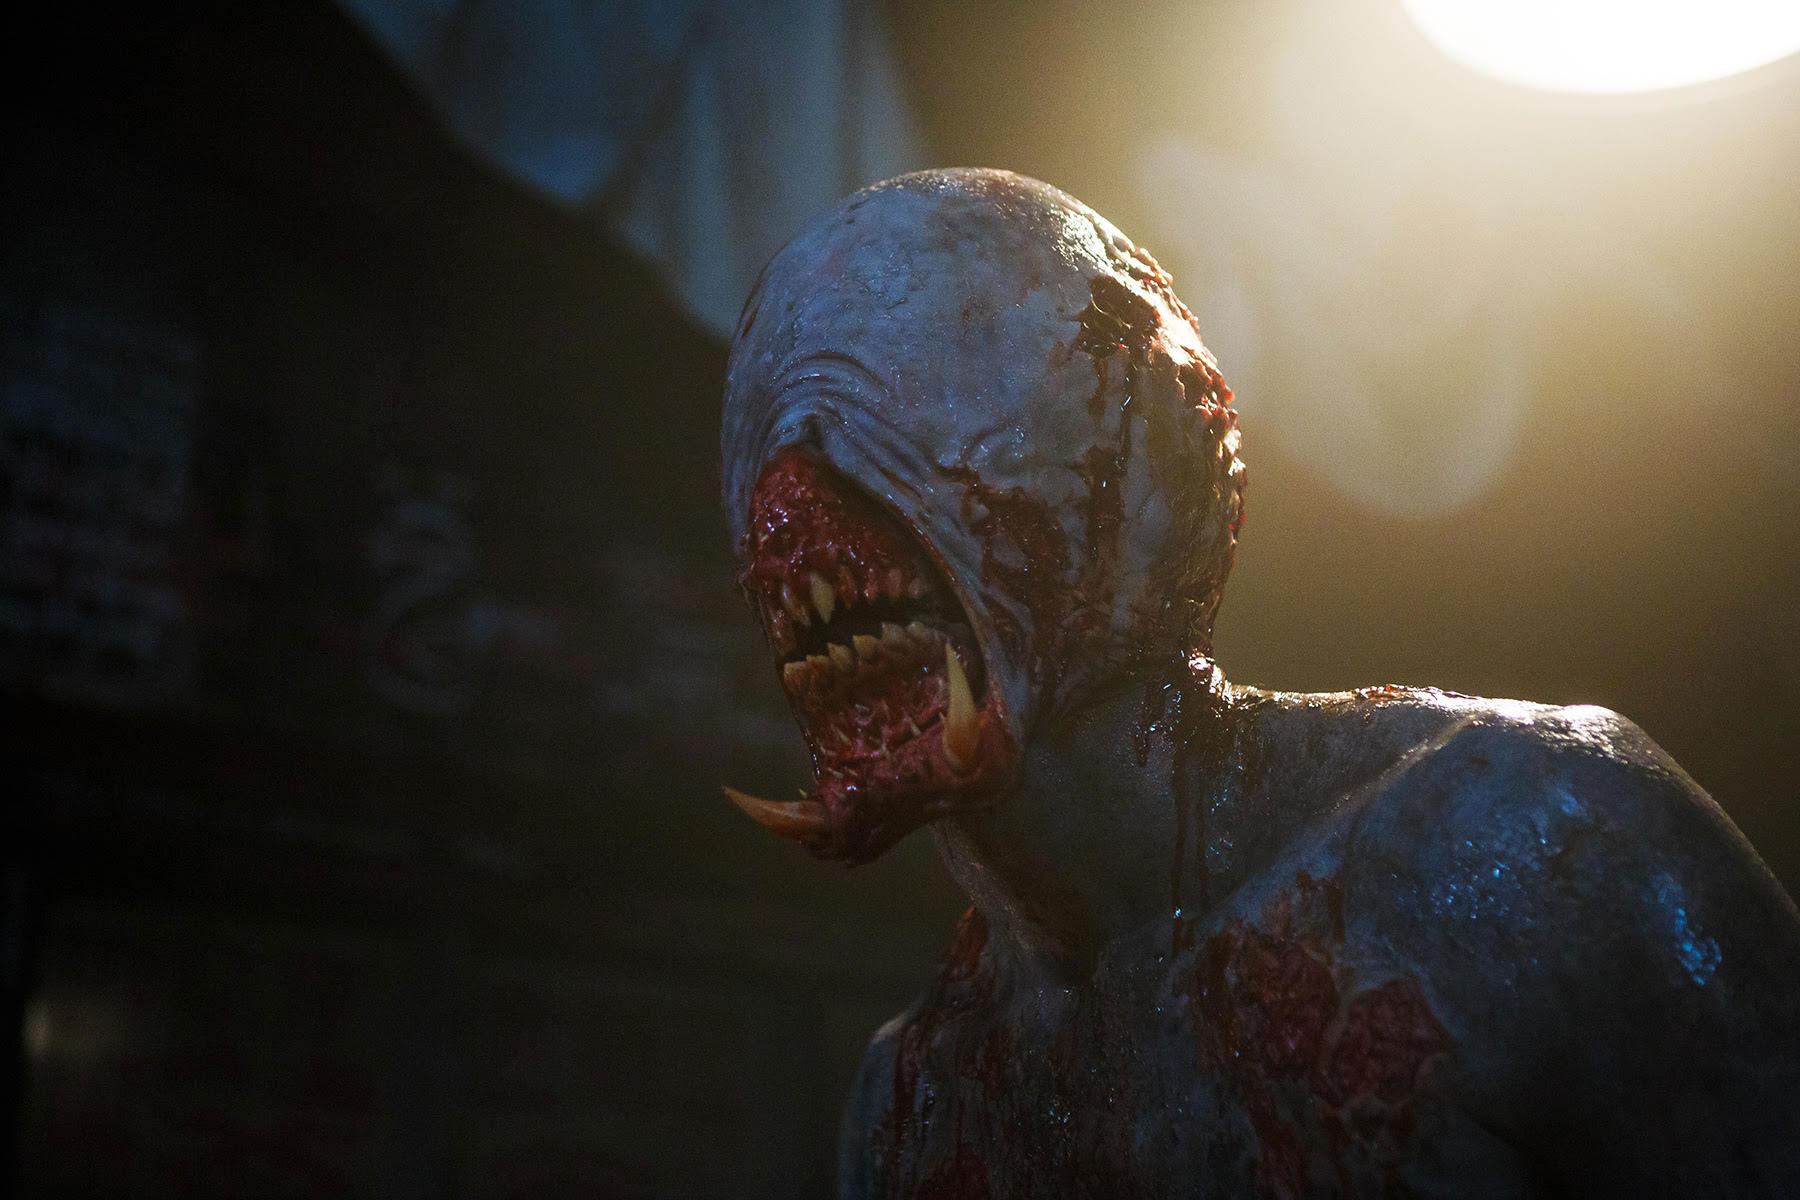 ash_vs_evil_dead_raimi_3